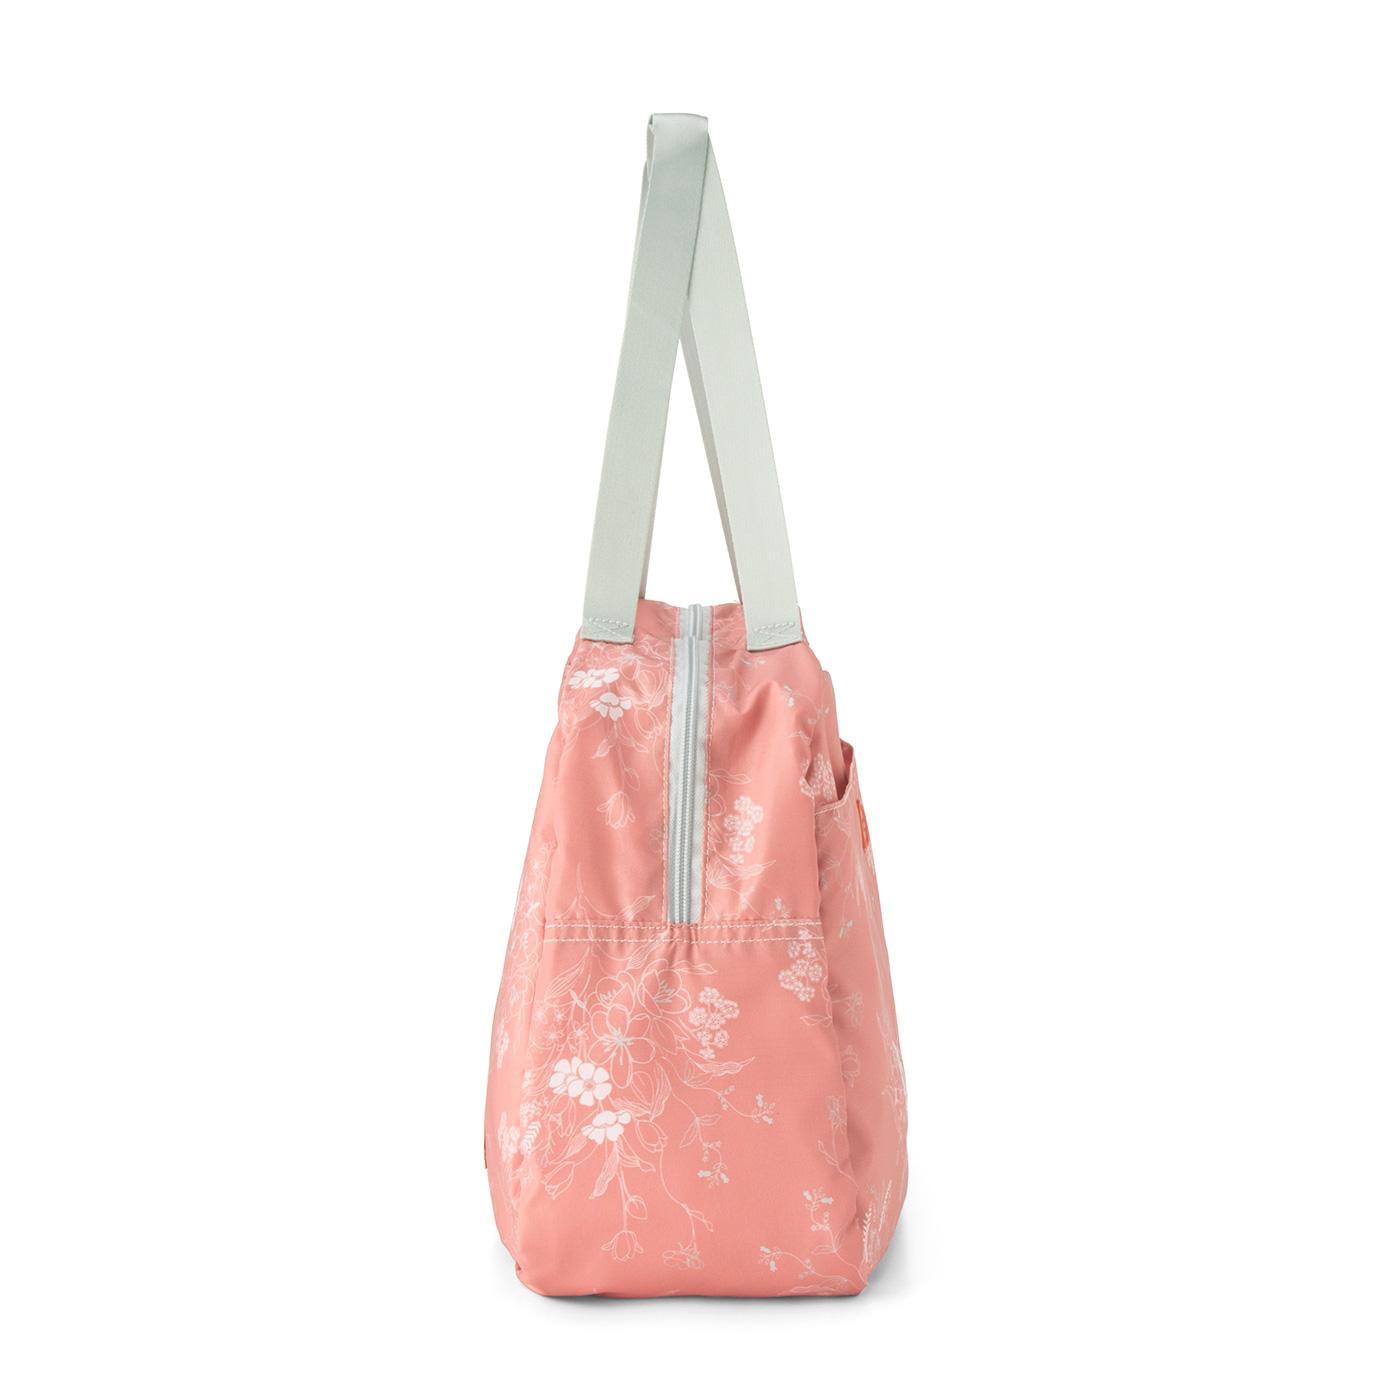 約17cmのたっぷりまち幅でバッグごとすっぽりカバー。